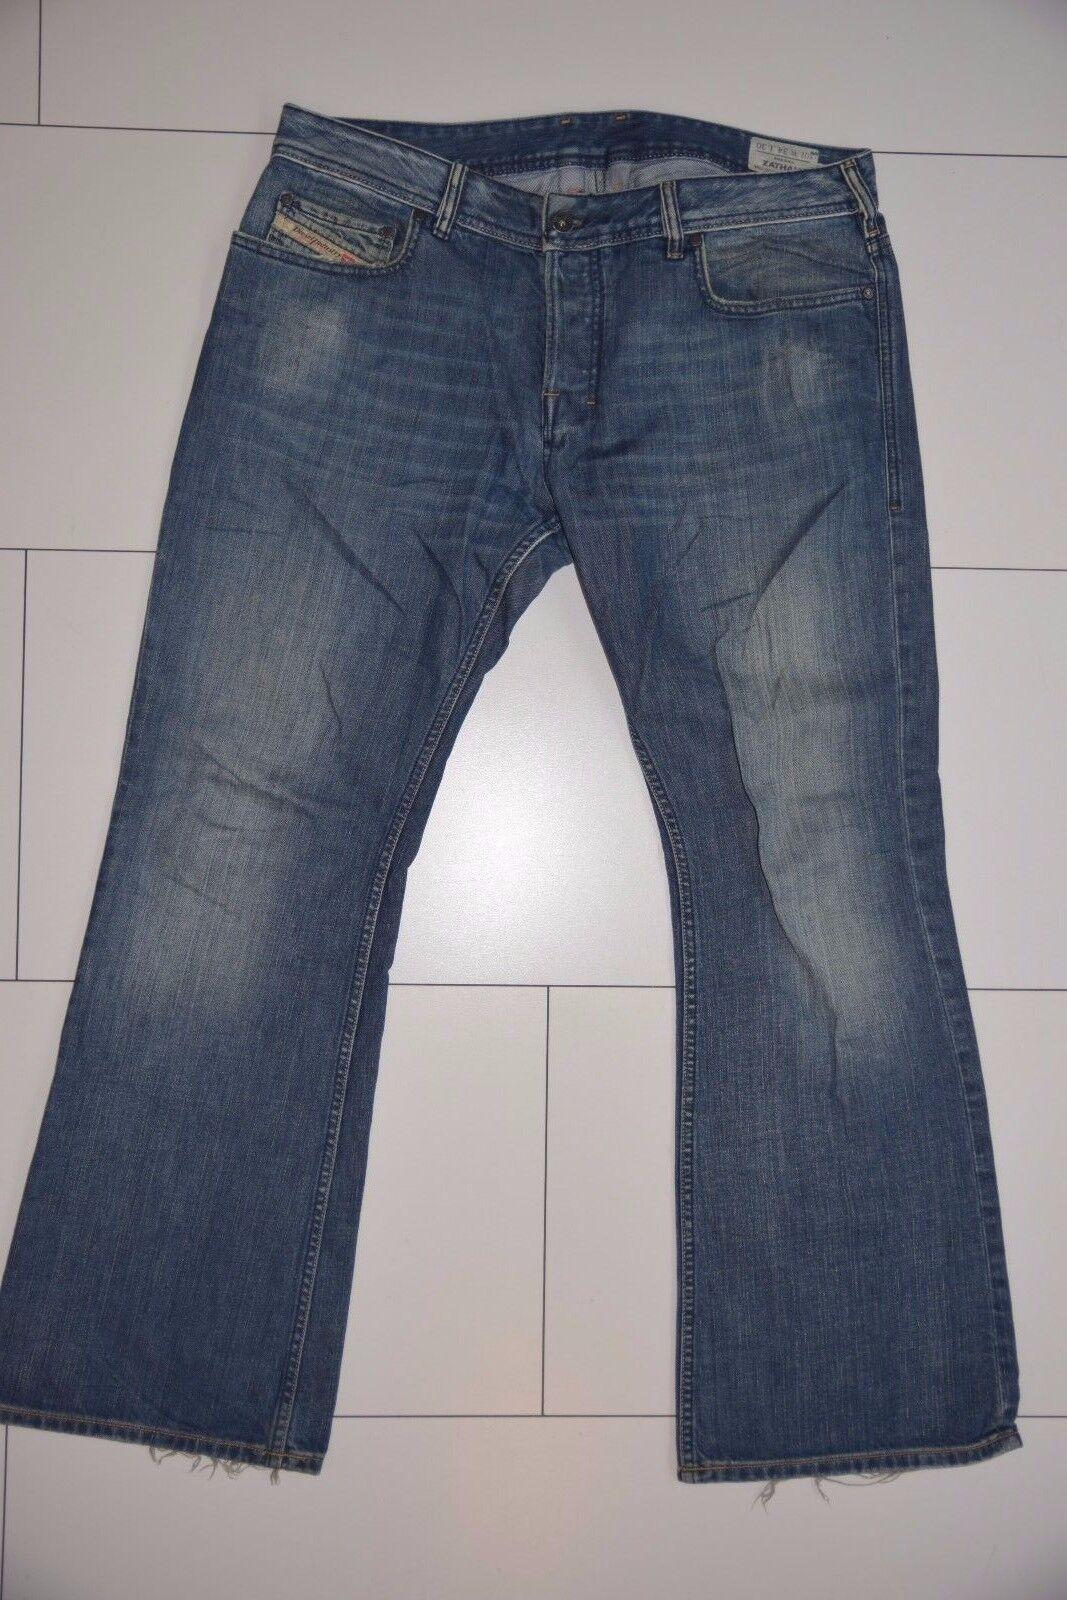 Diesel Jeans Mod. Zathan - dunkelblau - W34 L30 - Schlag - Zustand gut 21117-40